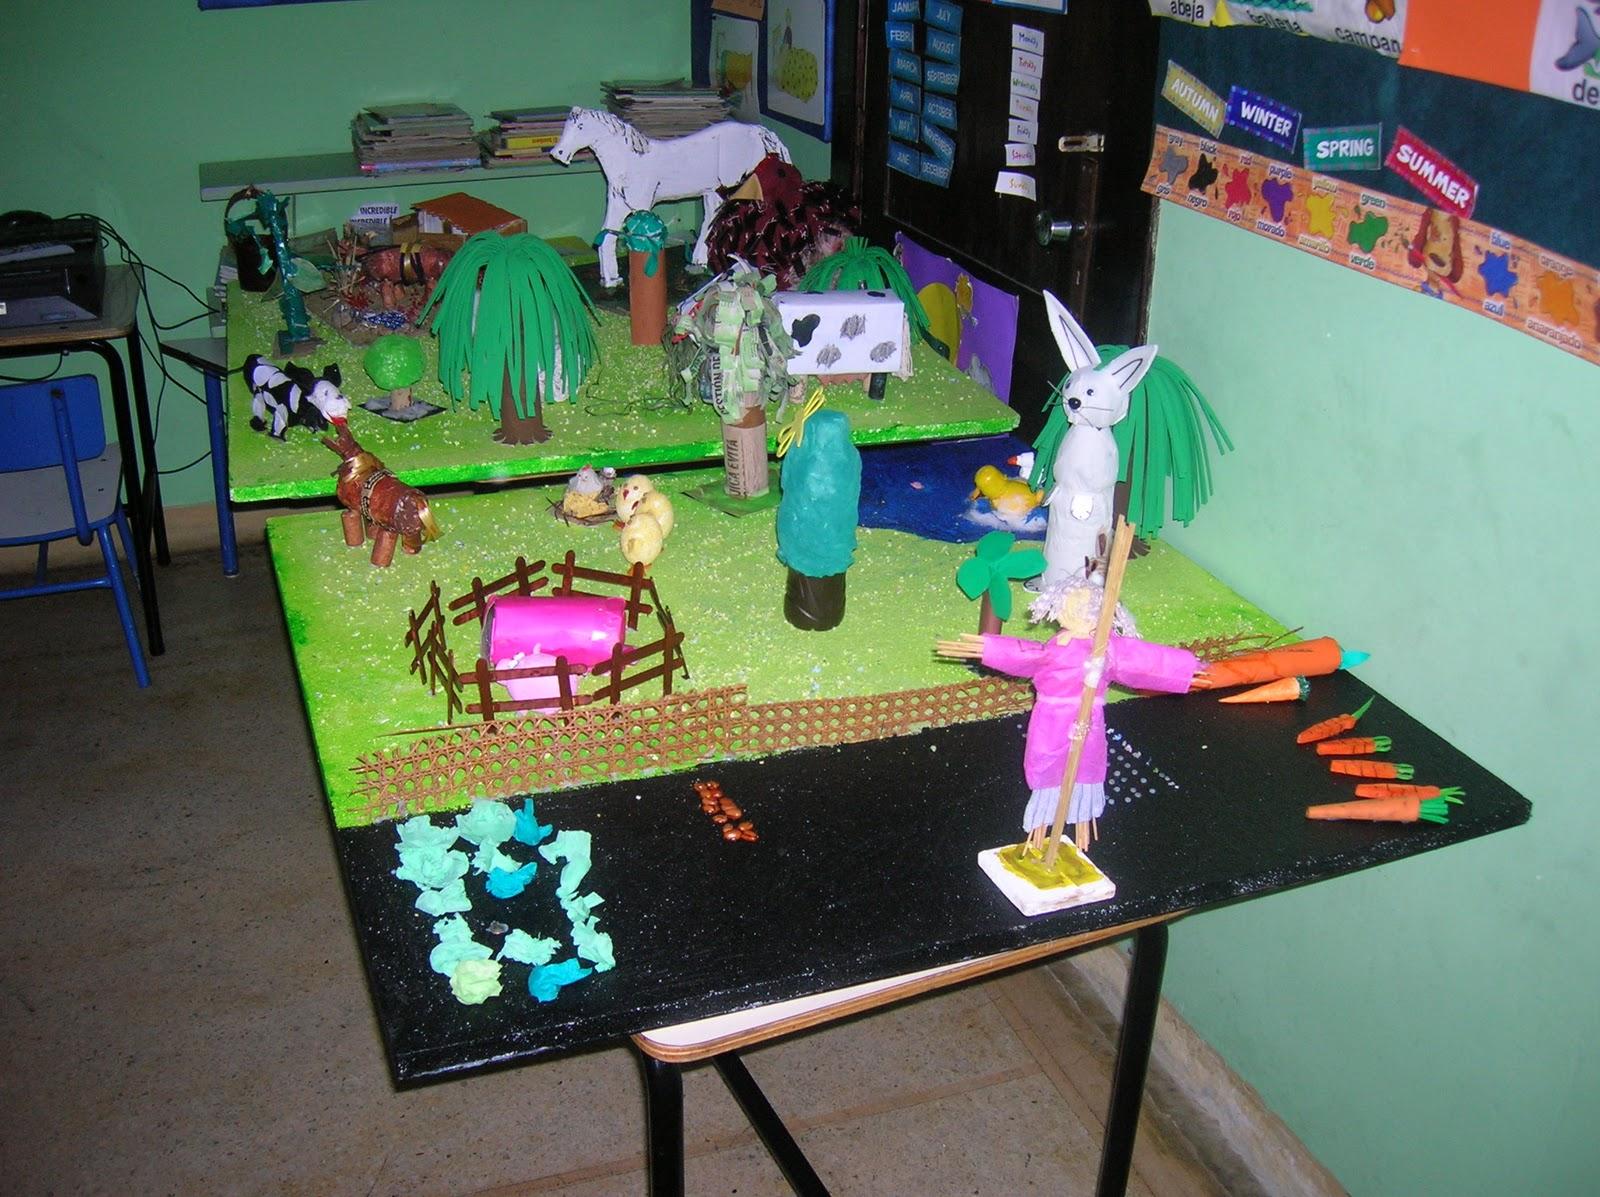 una exposiciòn de maquetas realizadas por escolares de Montevideo